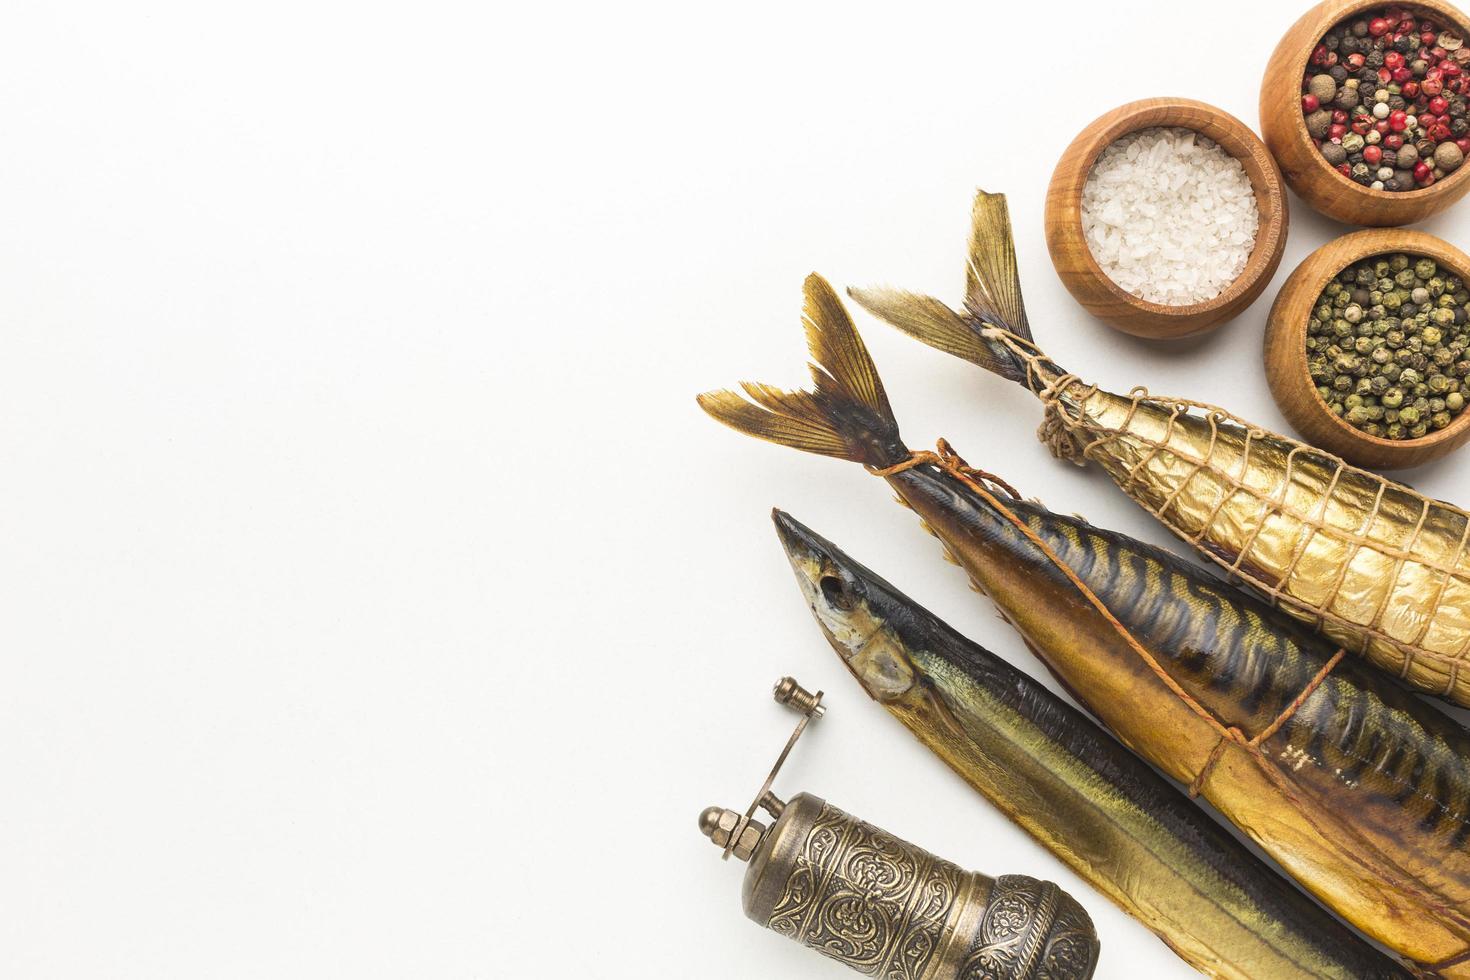 gerookte vis en kruiden op wit foto